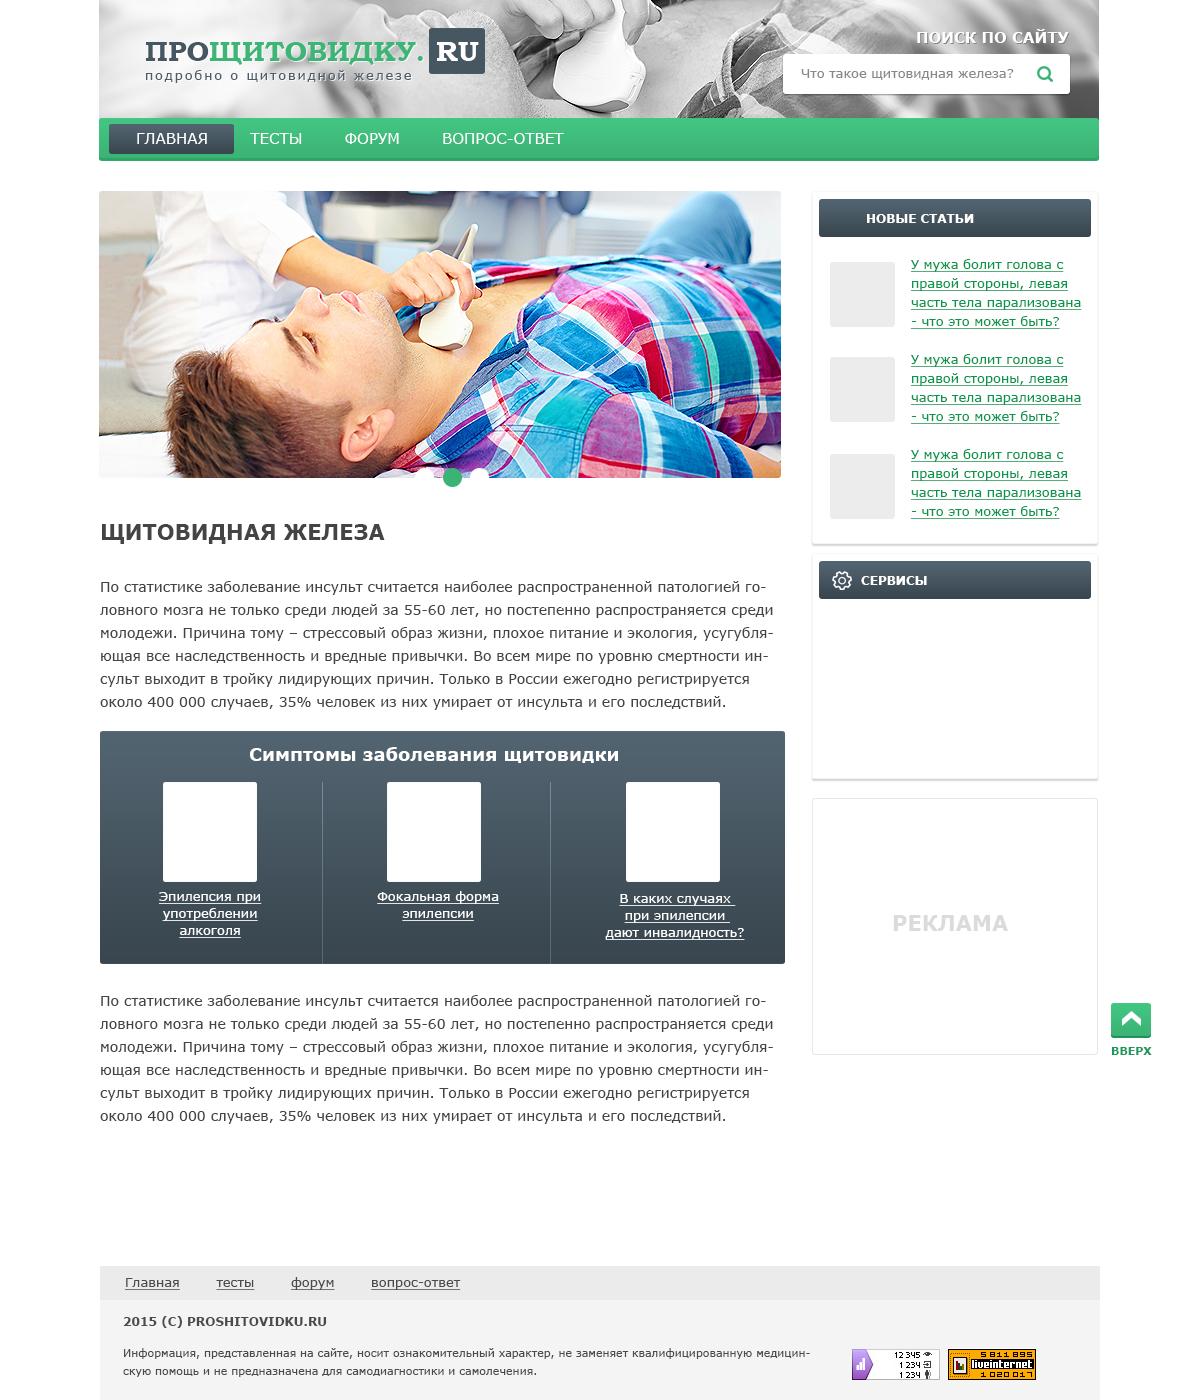 Прощитовидку.RU / Все о щитовидной железе